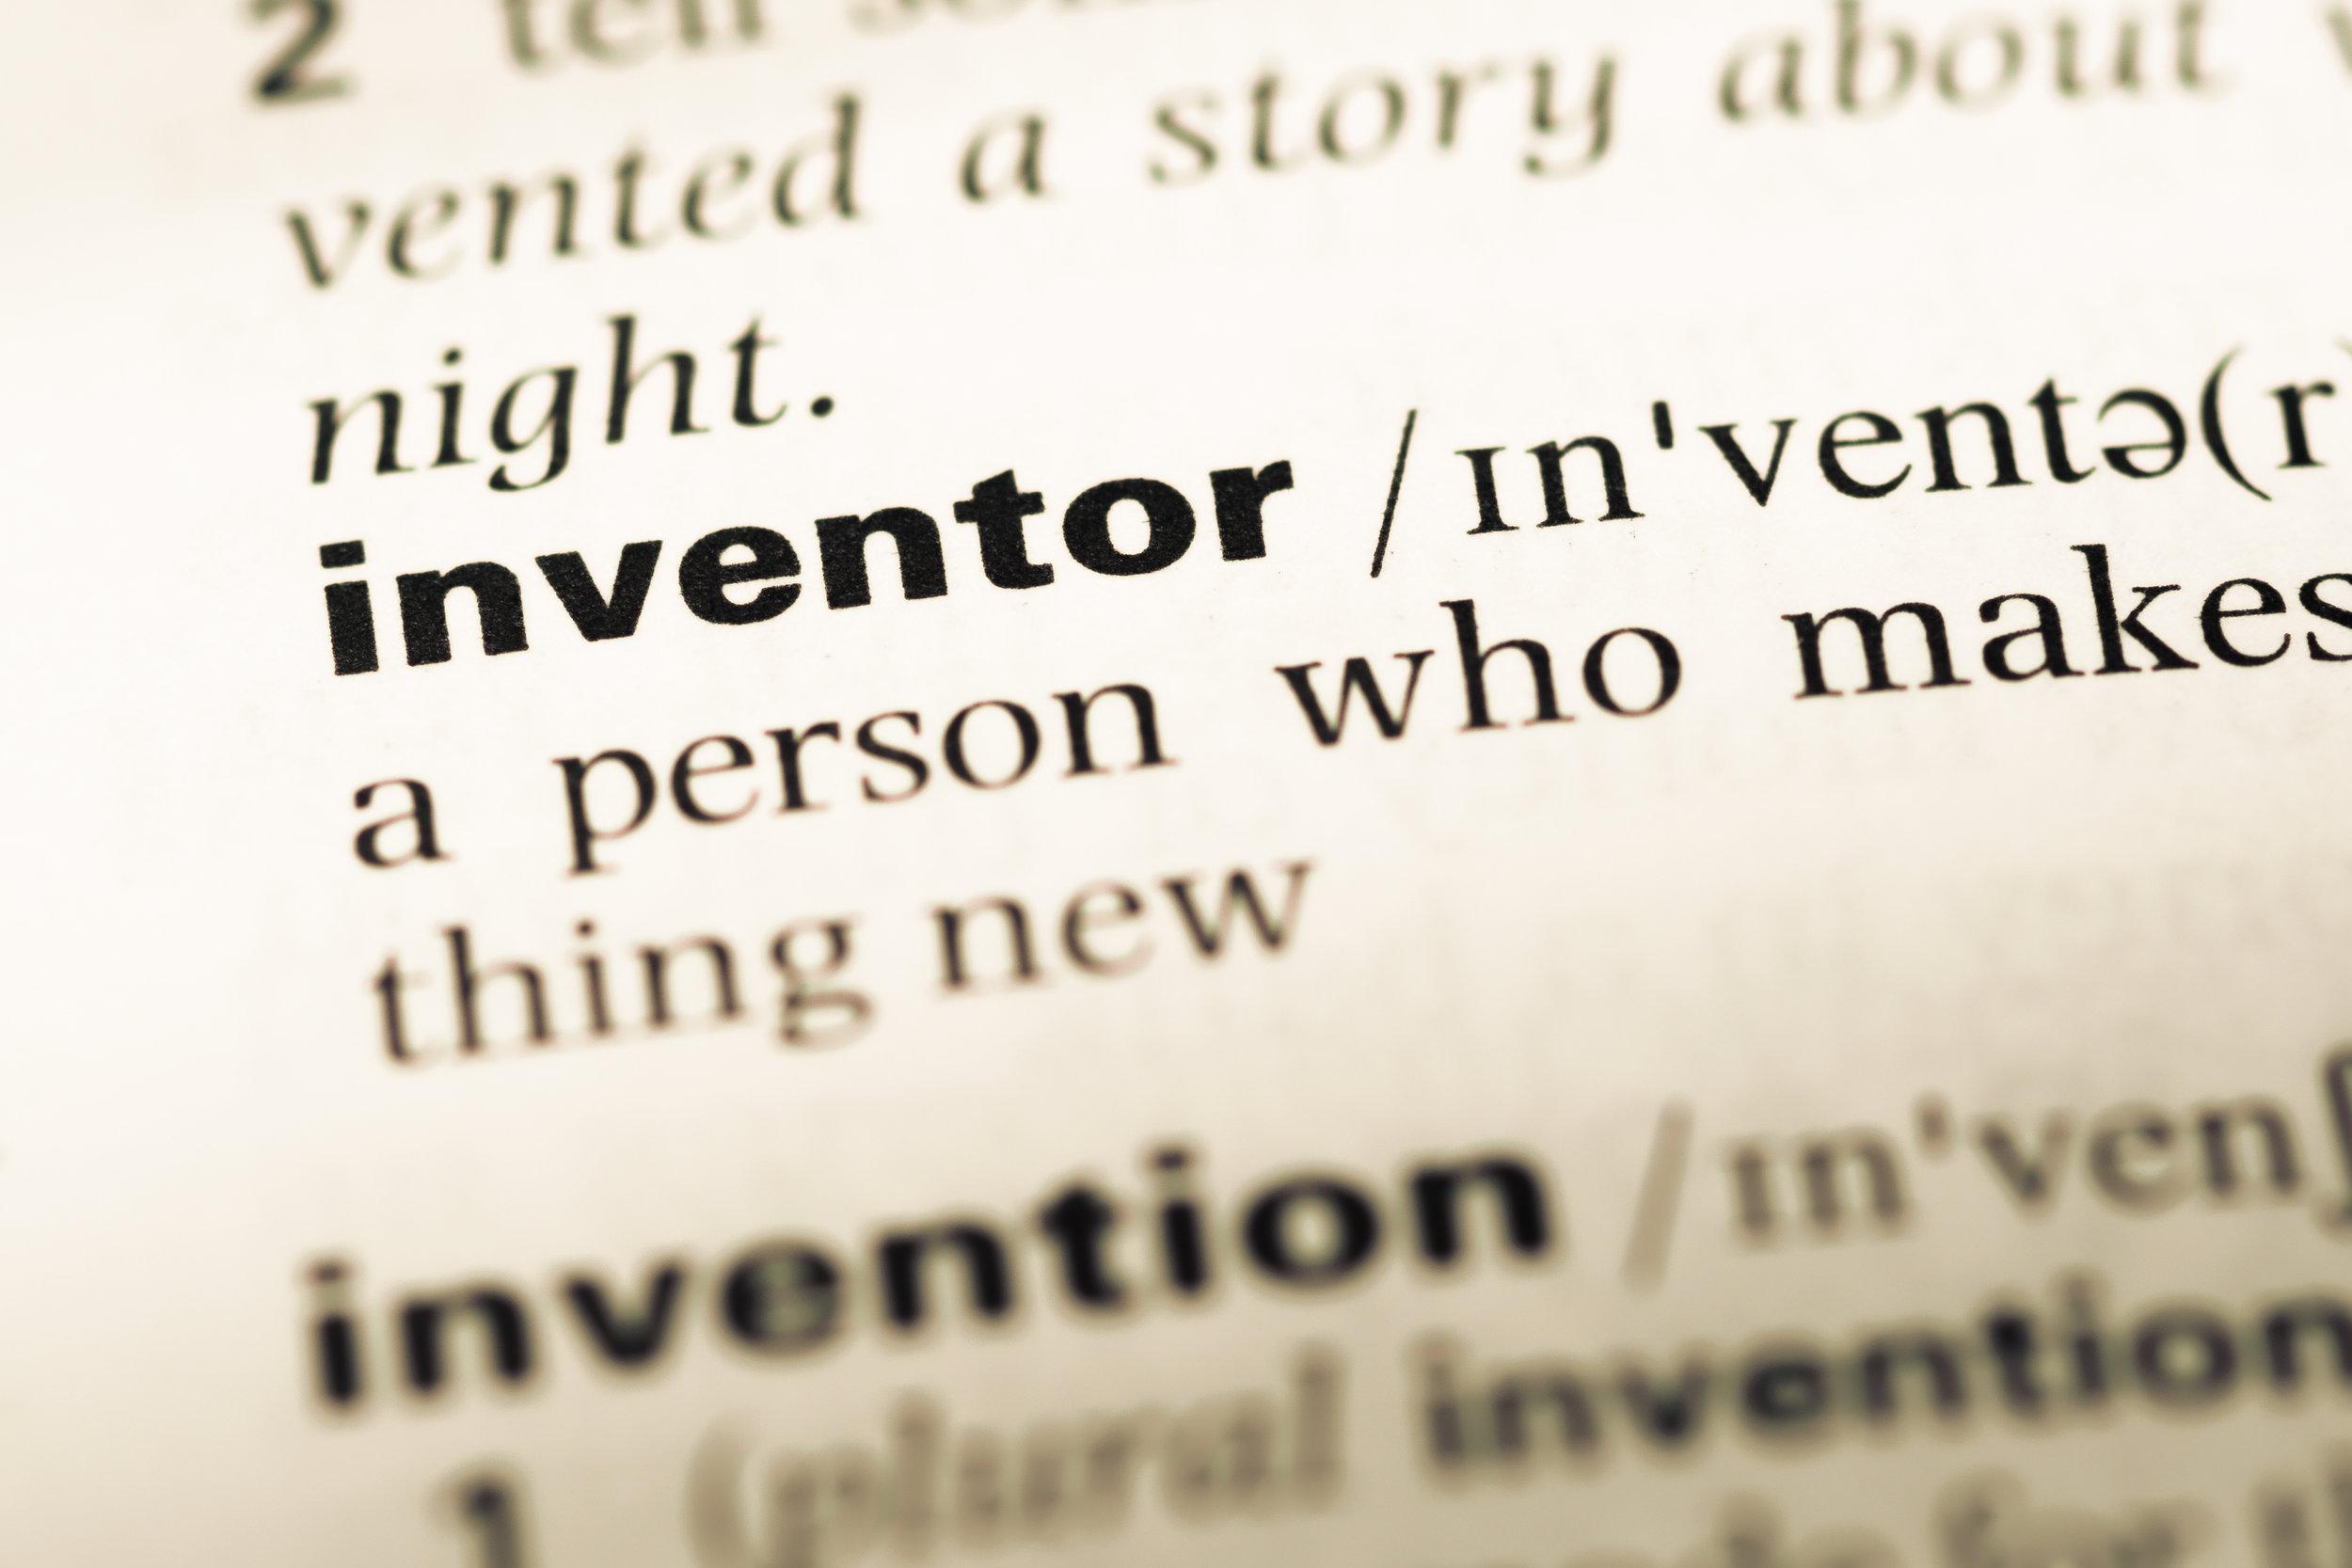 El inventor es quien concibe la idea en conjunto con un plan para convertir esa idea en un invento.